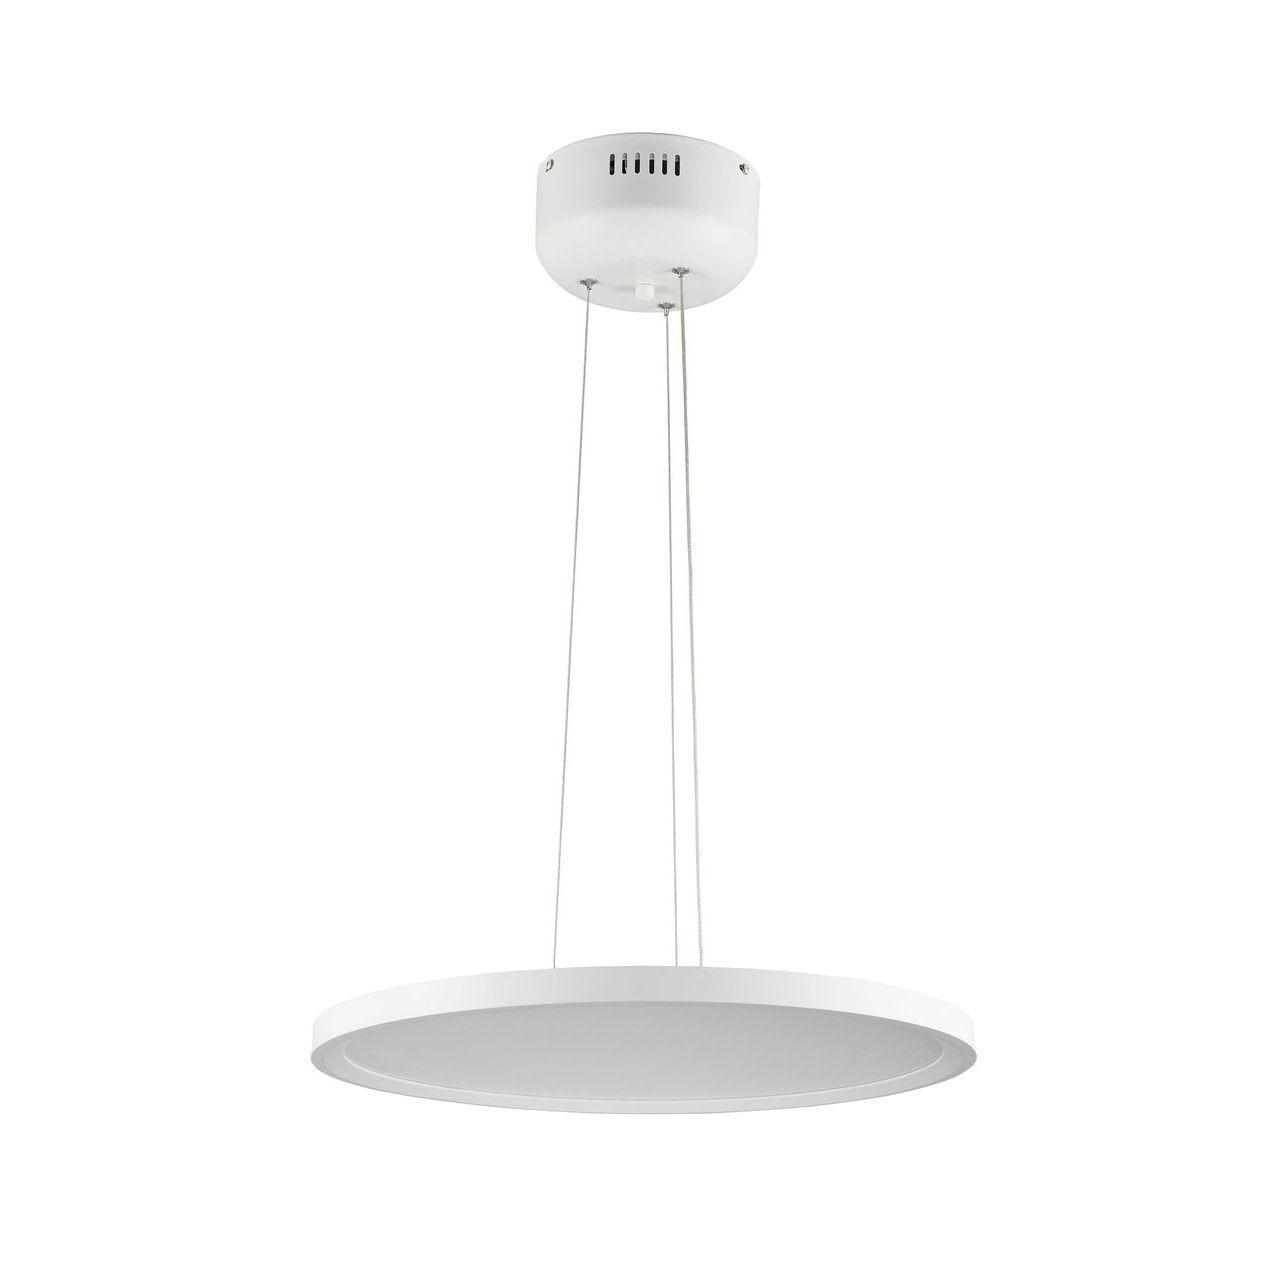 Купить со скидкой Подвесной светодиодный светильник Spot Light Cala из пластика